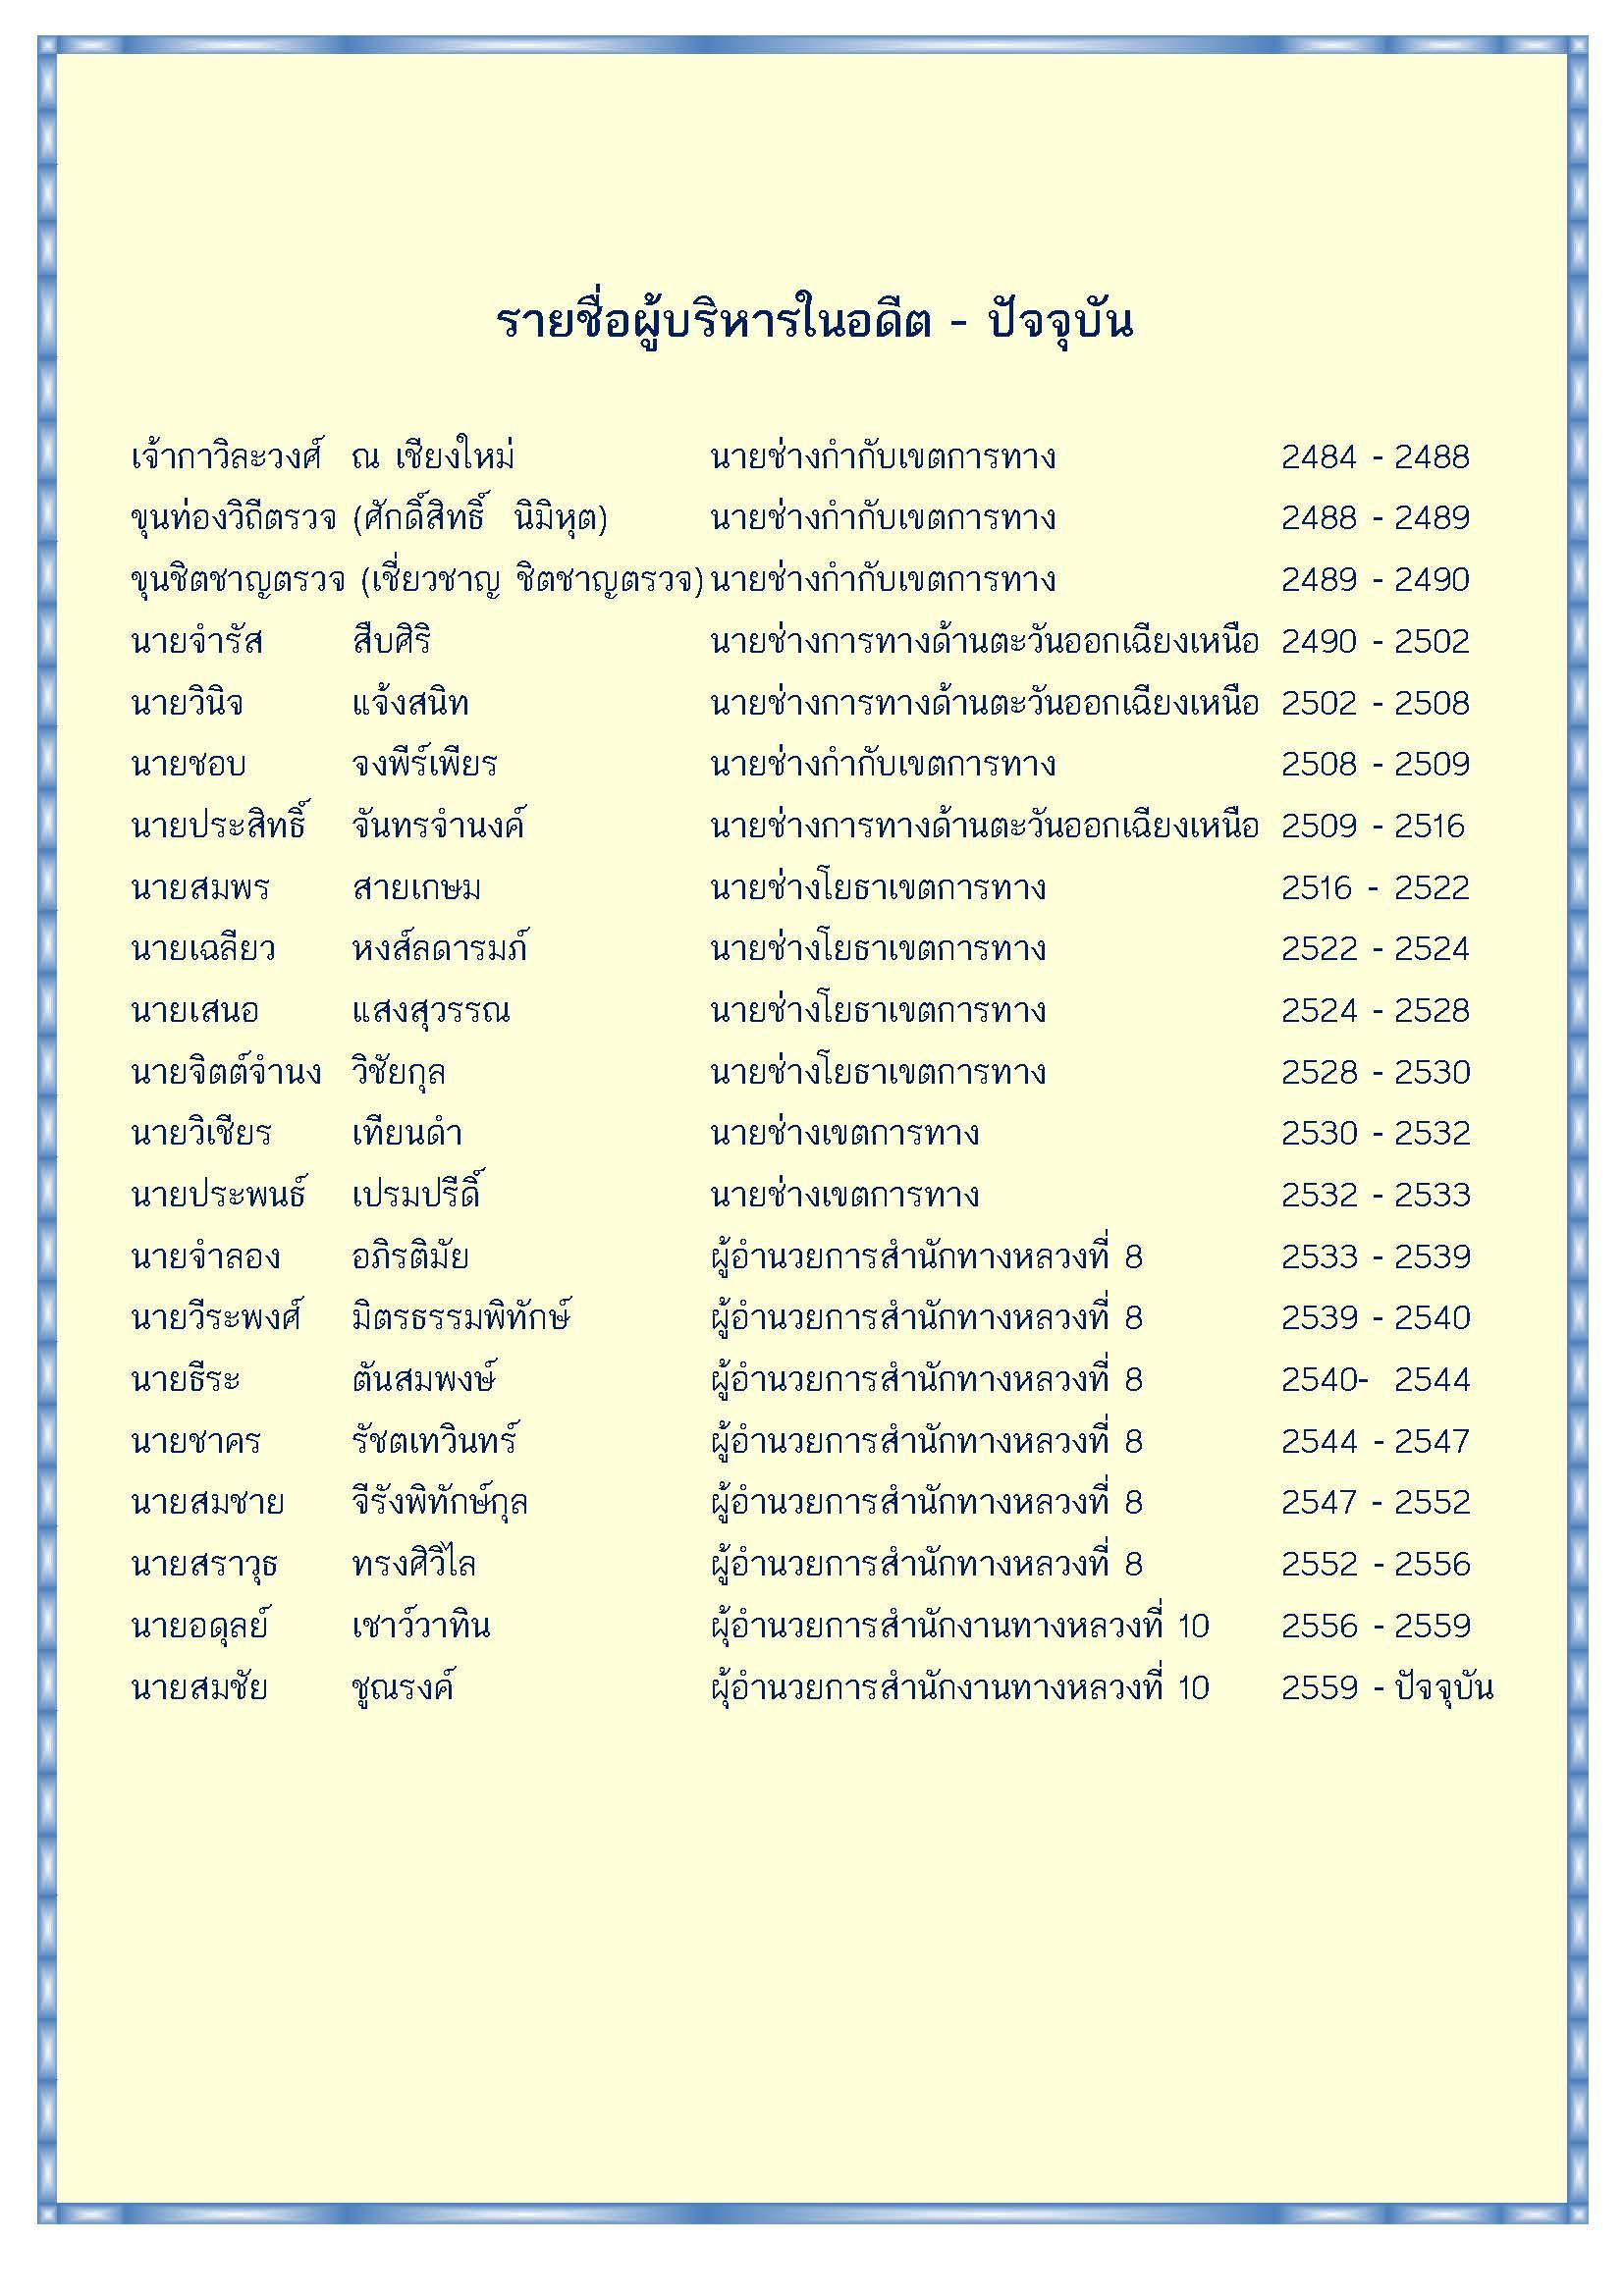 รายชื่อผู้บริหารในอดีต - ปัจจุบัน